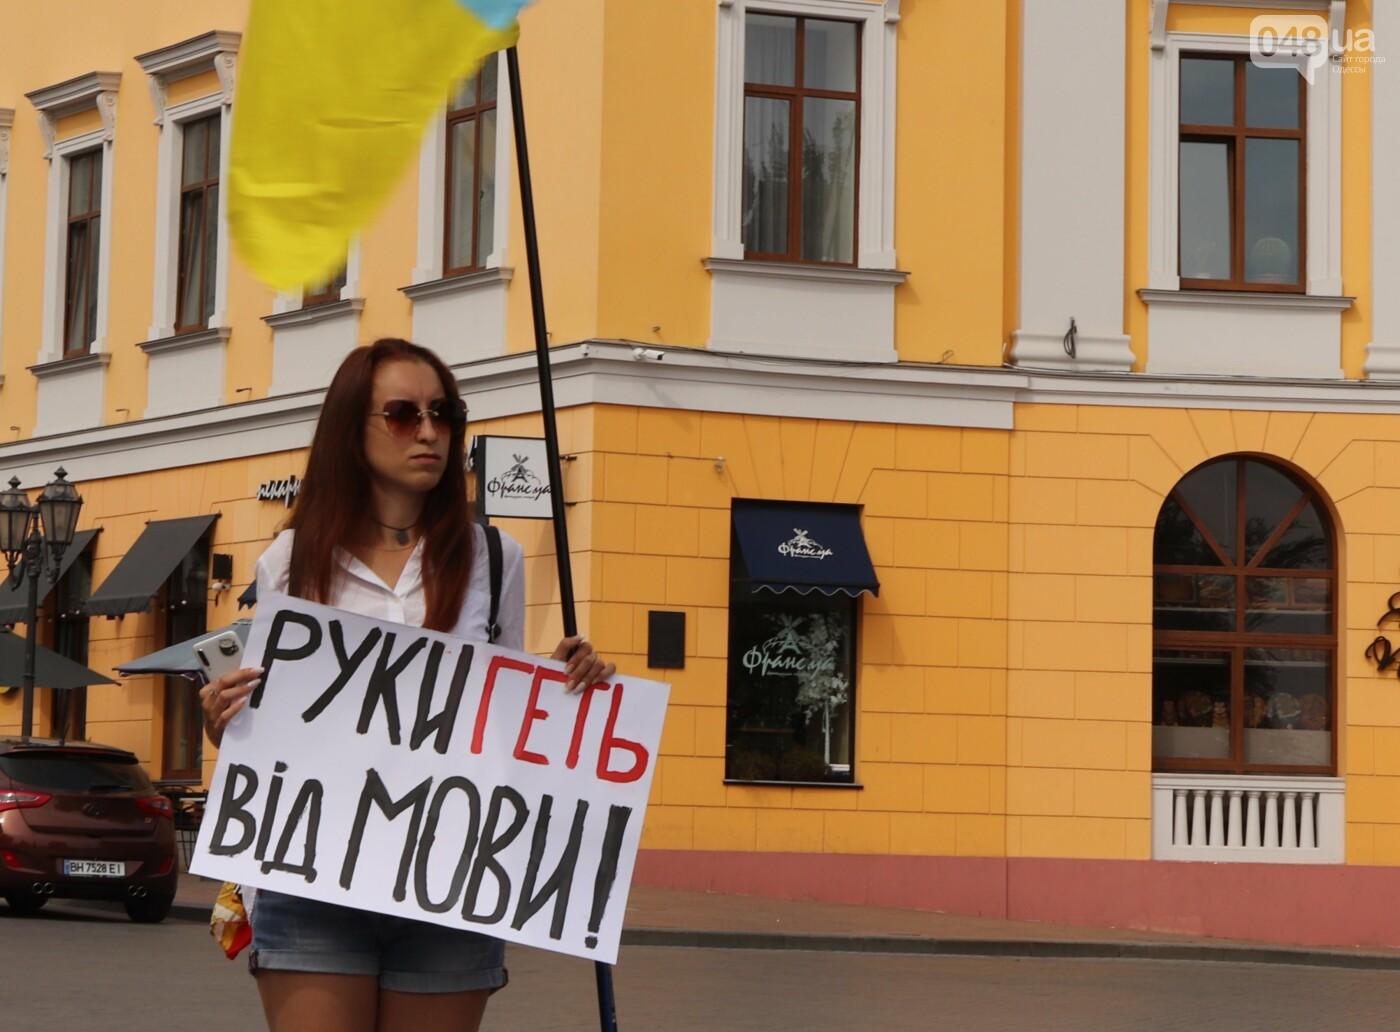 Около сотни одесситов пришли к Дюку поддержать украинский язык, - ФОТО, фото-3, Ольга Циктор